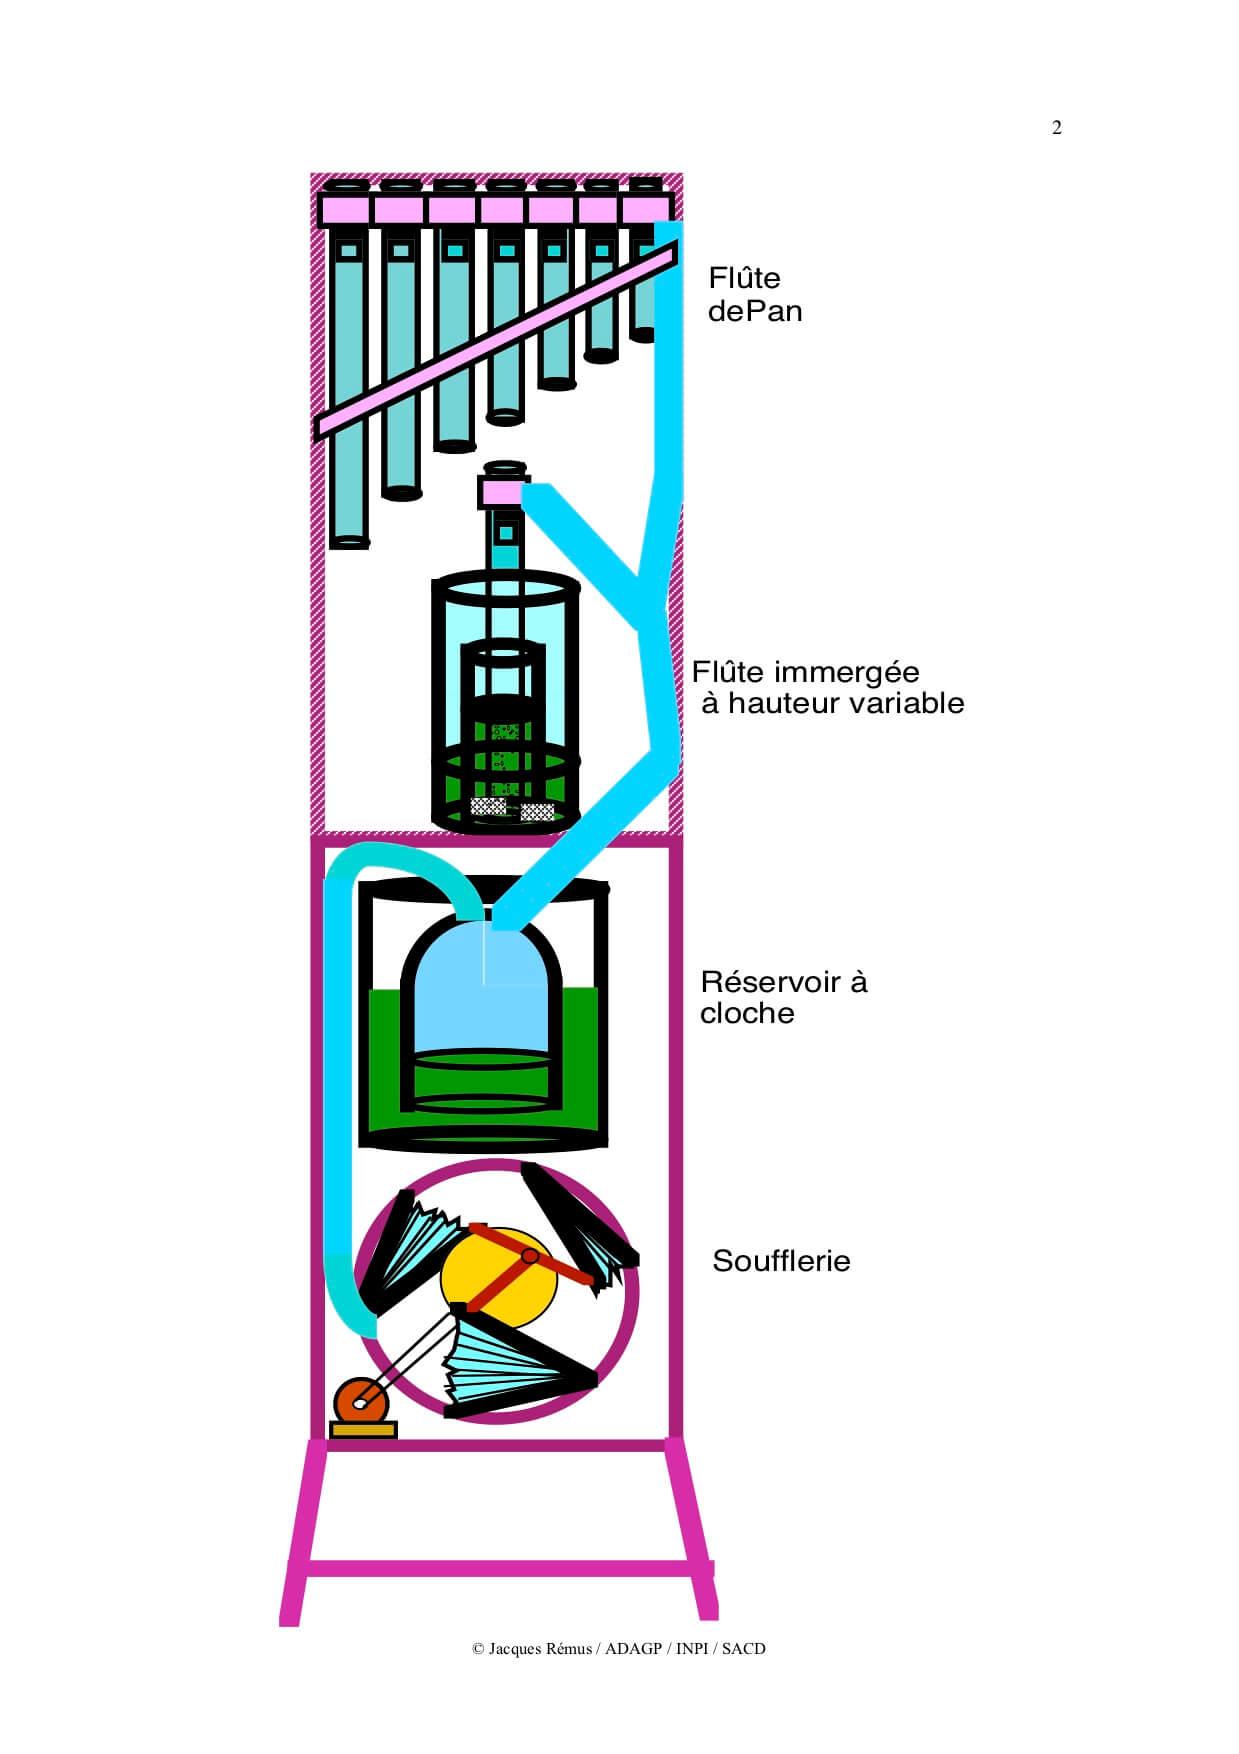 Dessin en couleur fait à l'ordinateur montrant une petite tour assemblant une soufflerie triangulaire, puis un réservoir d'air à cloche, puis une flûte immergée, puis une flûte de Pan